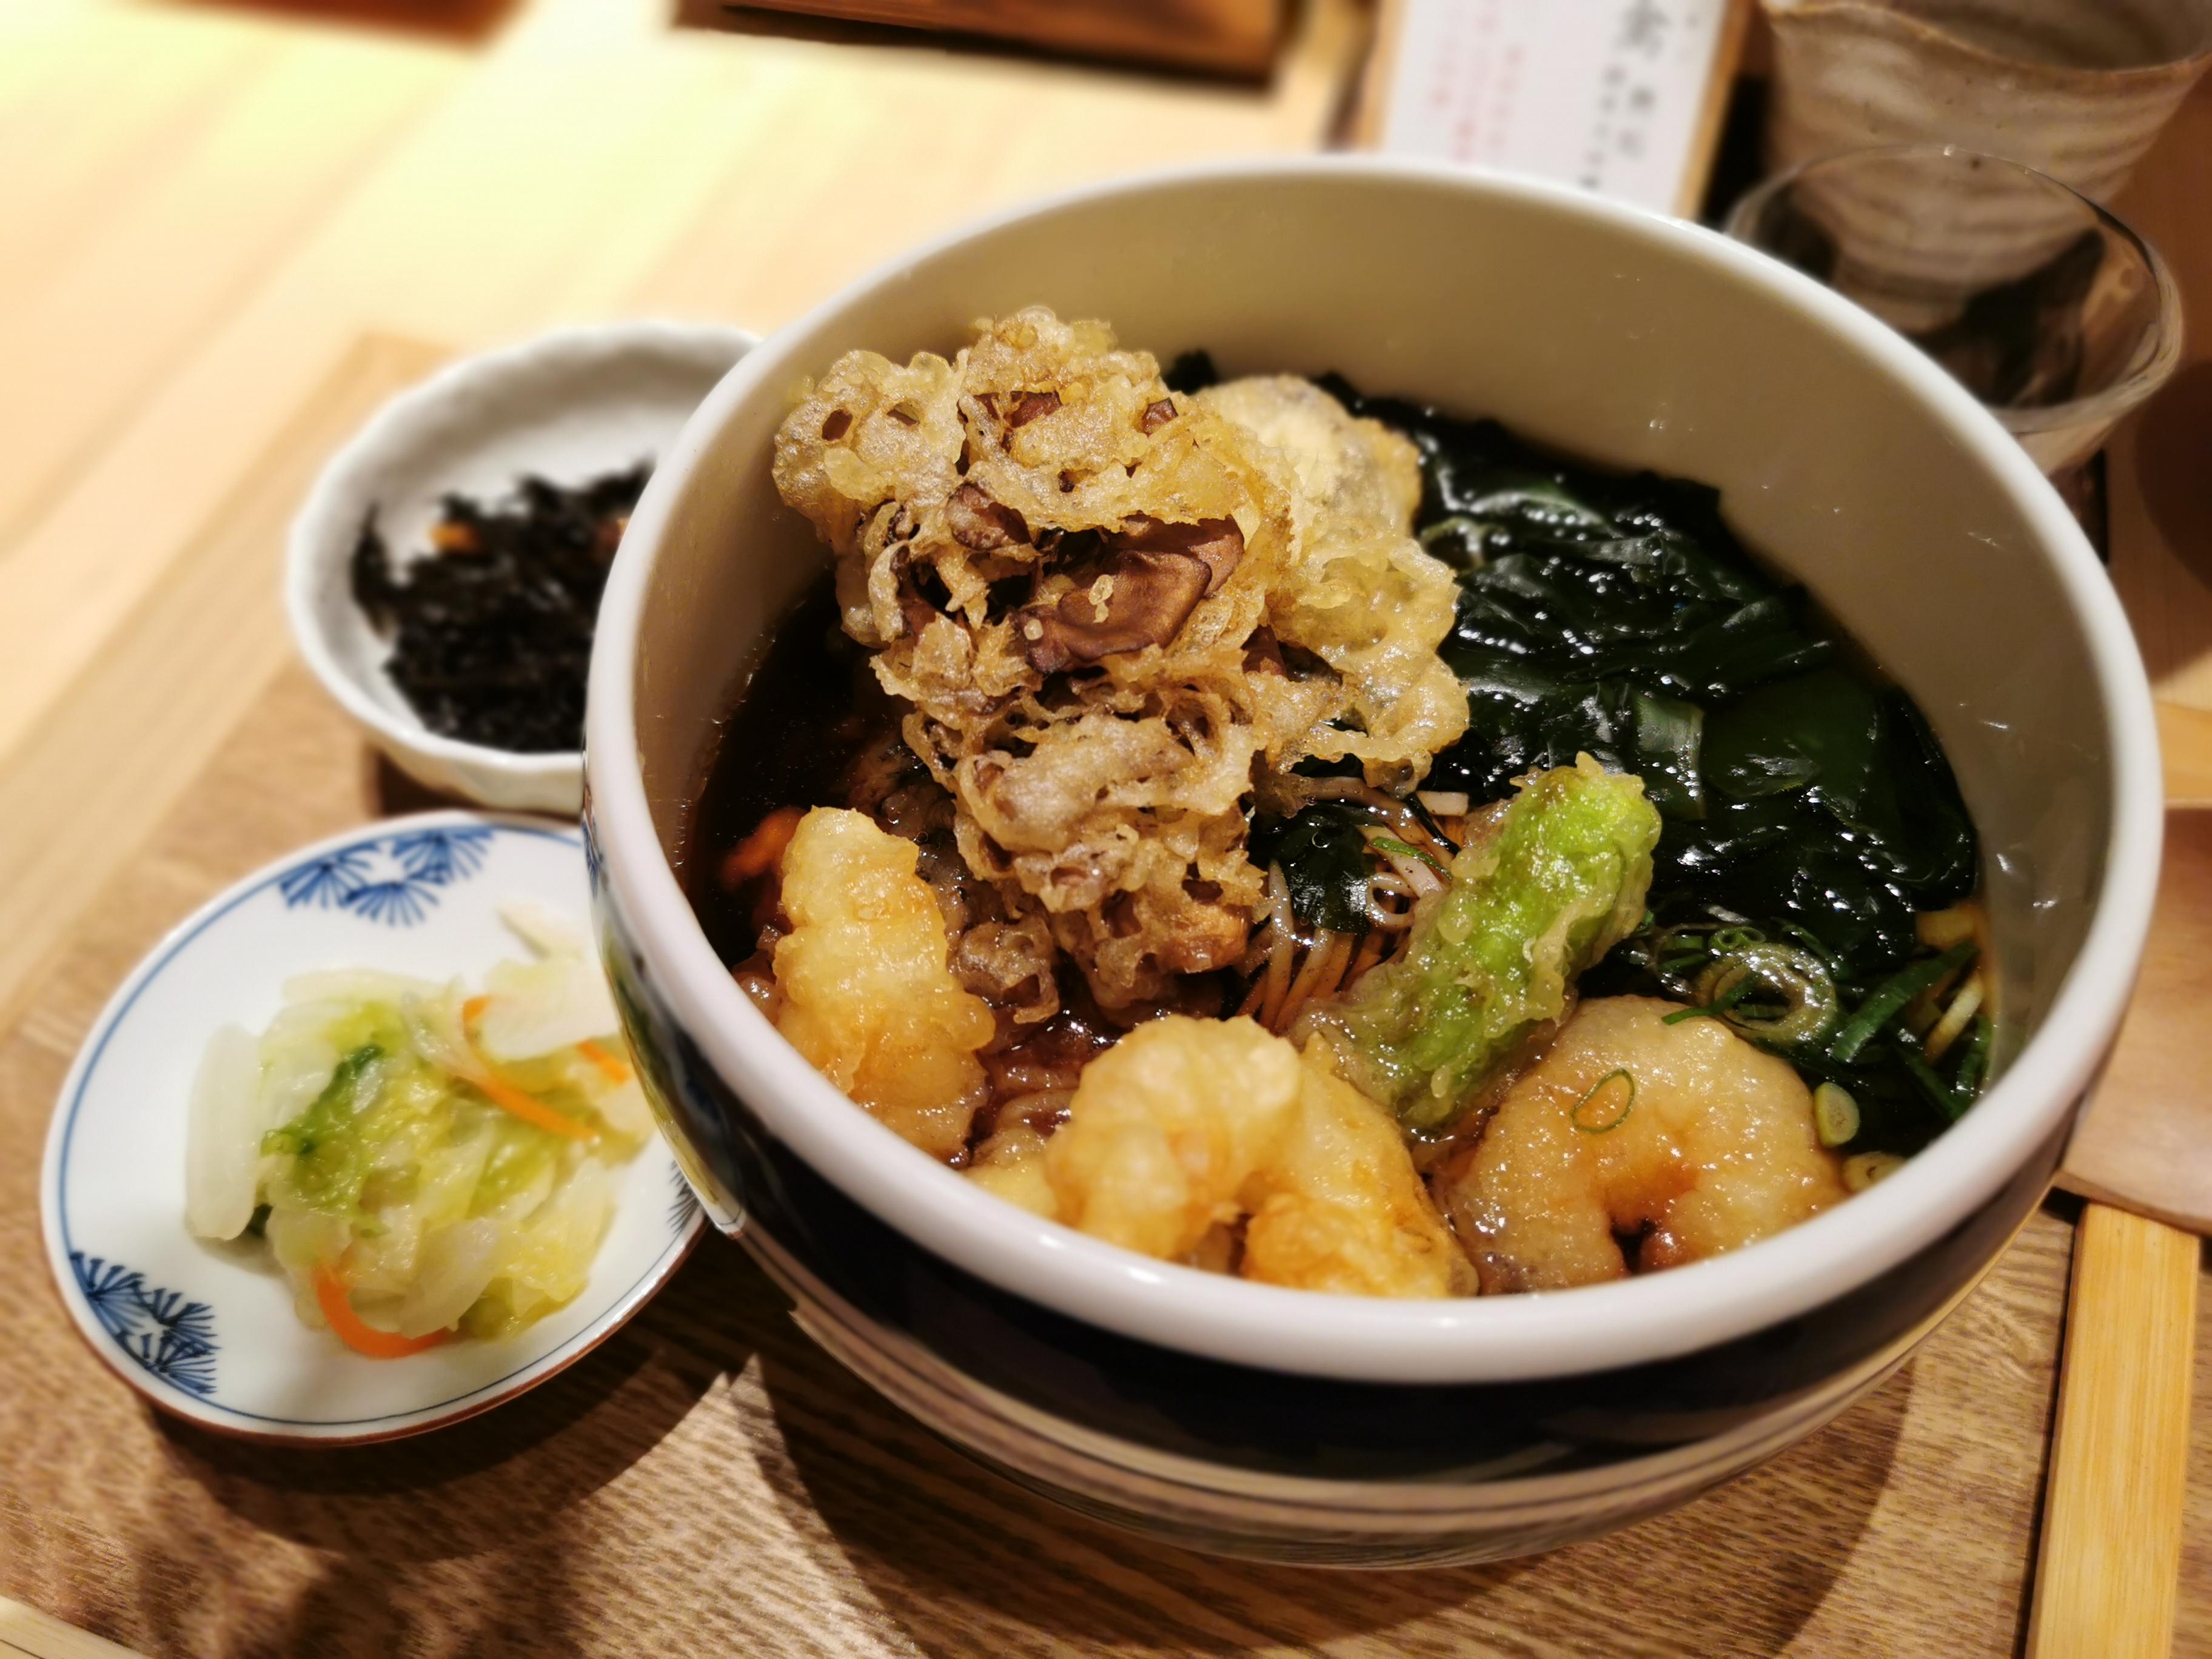 【渋谷】ぬる燗佐藤 渋谷ヒカリエ店@昼から日本酒!ランチのお蕎麦で蕎麦前風にも。